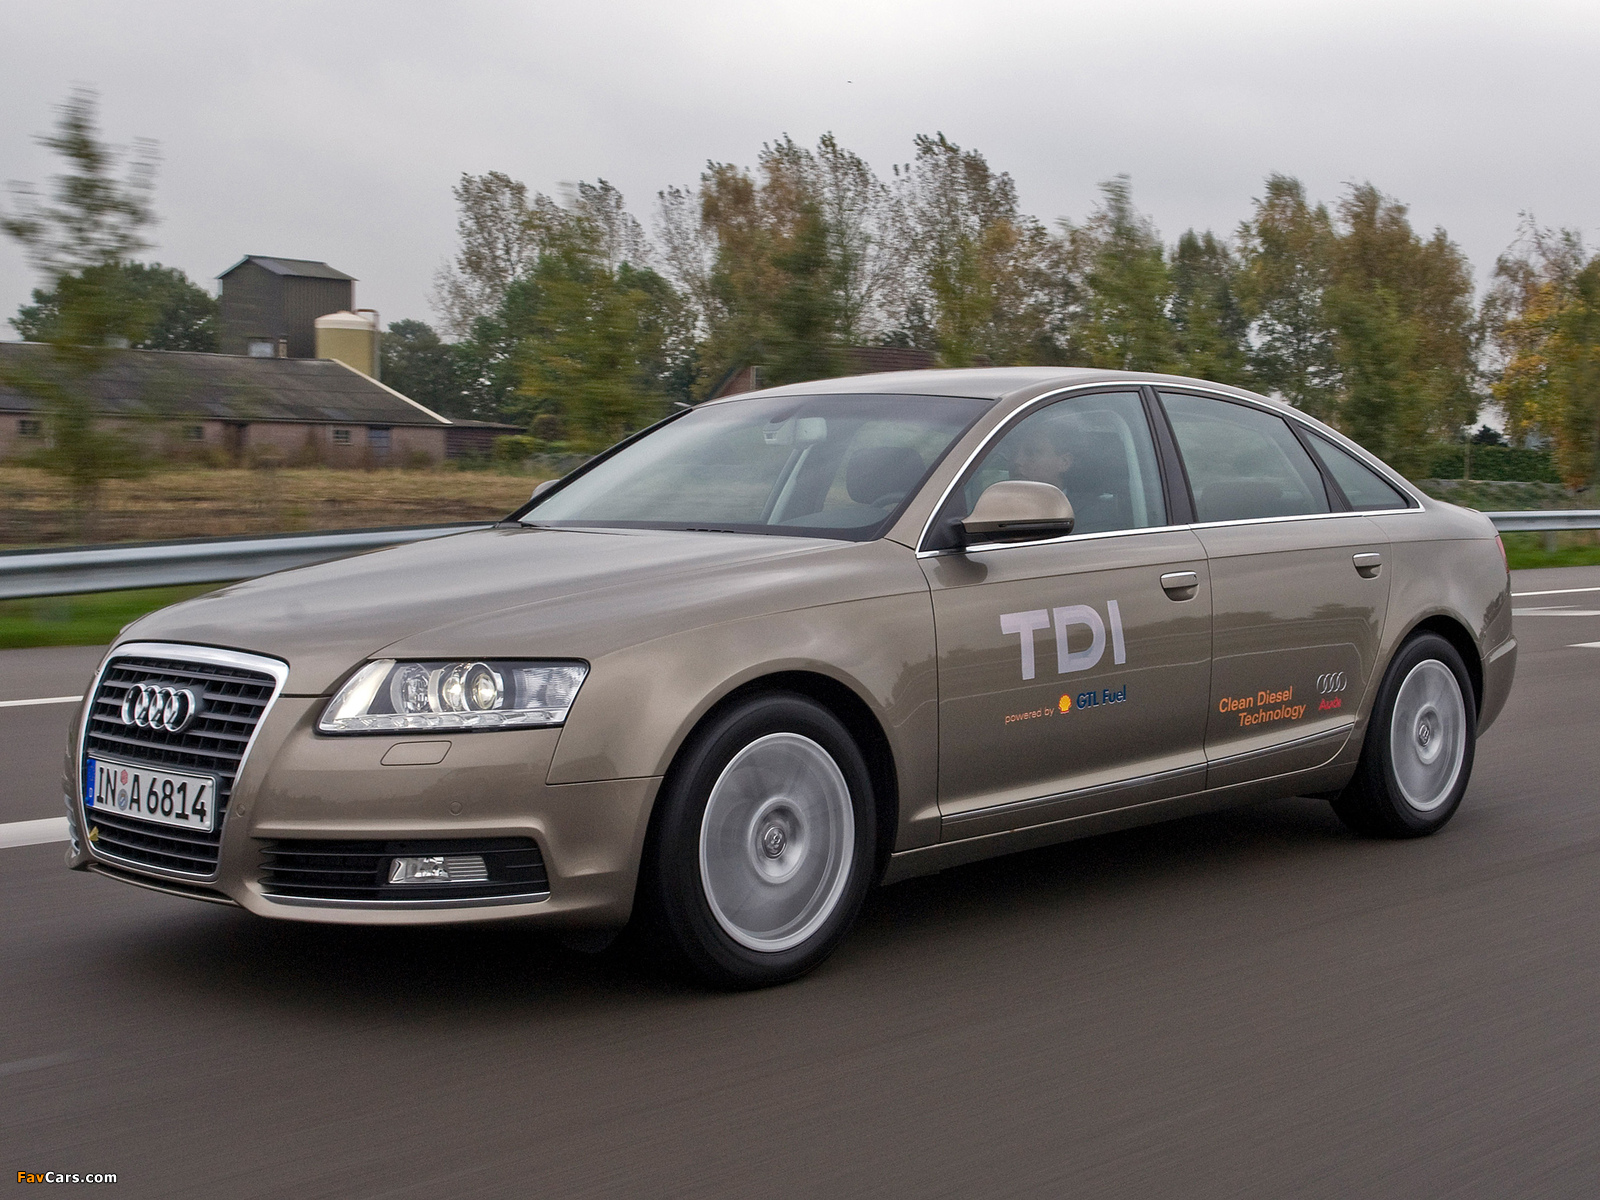 Photos Of Audi A6 2 0 Tdie Sedan 4f C6 2008 11 1600x1200